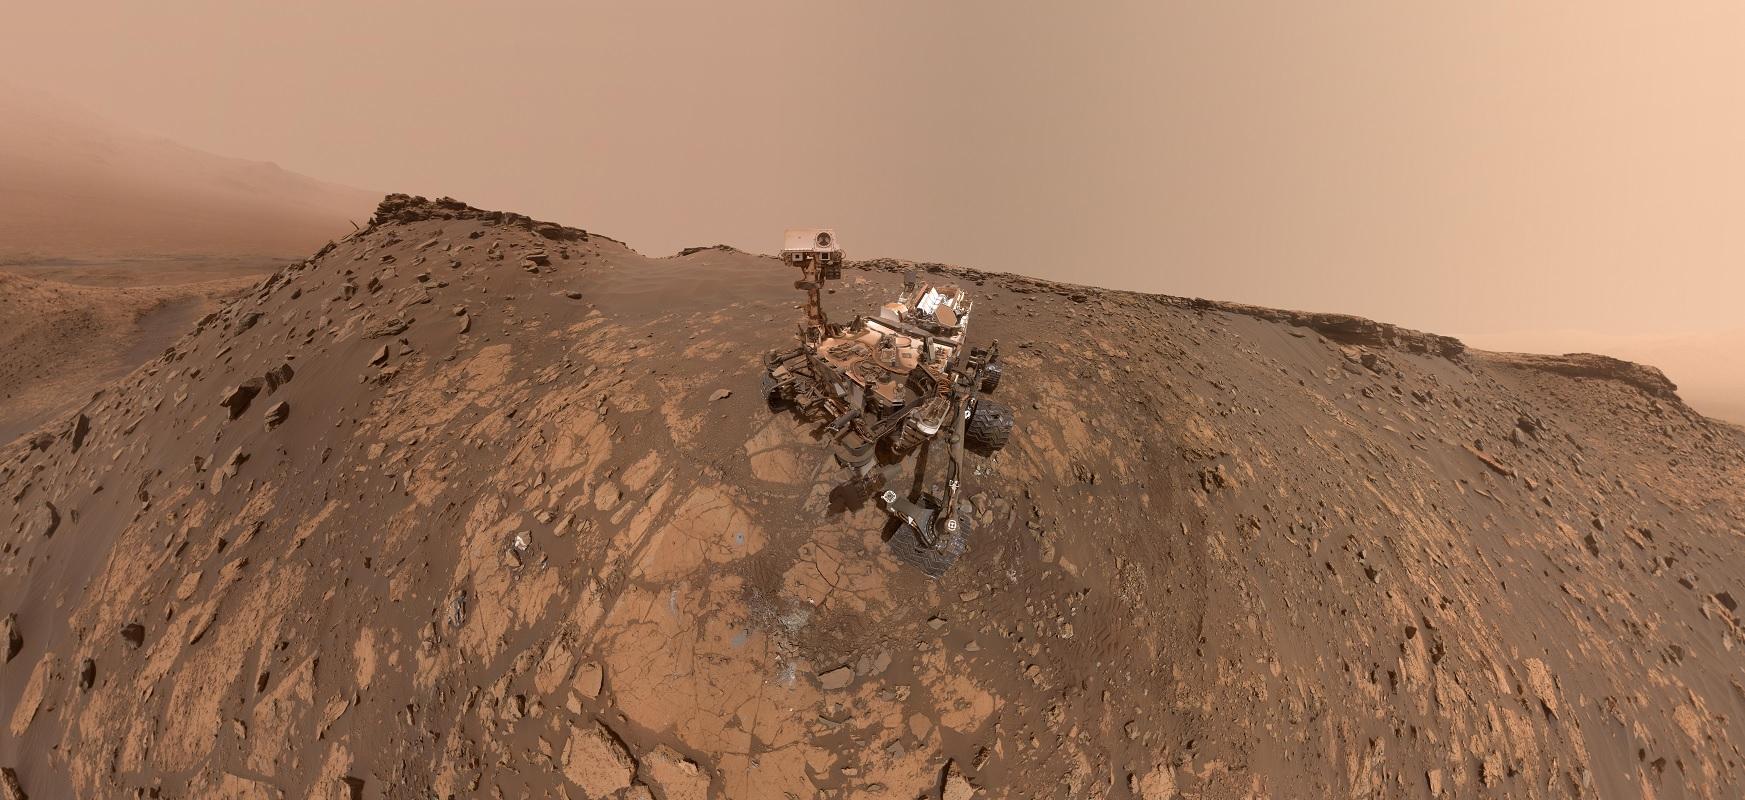 Curiosity rover bezala, bere buruari egin zion.  Grabaketa bat dago